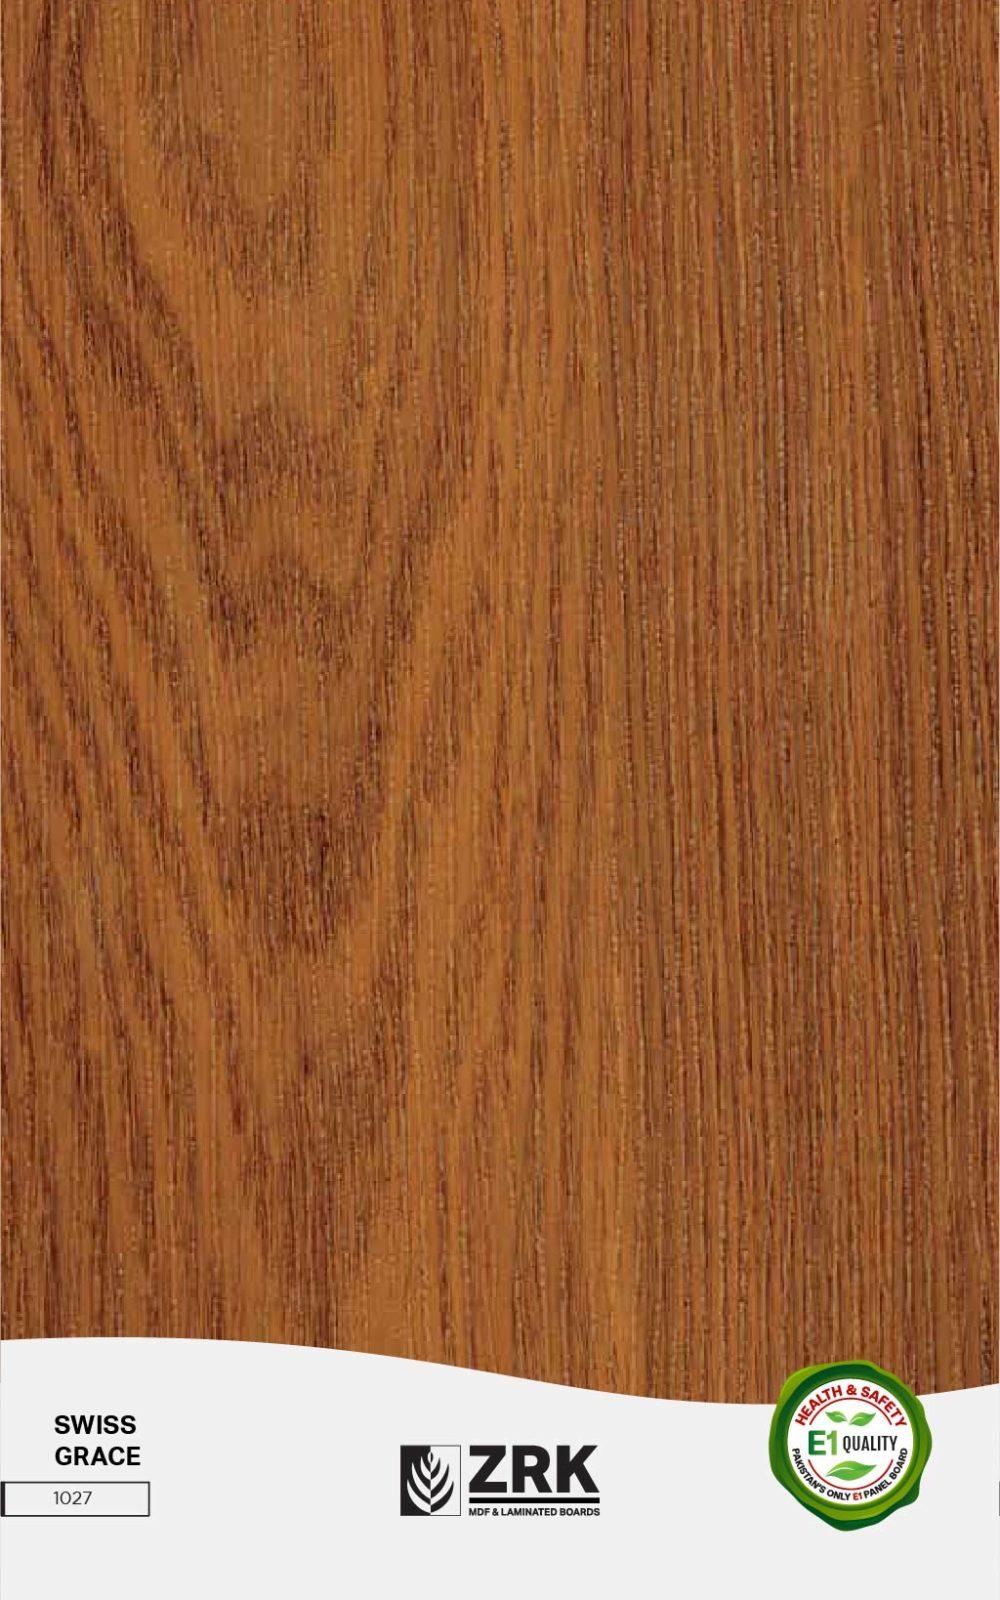 Swiss Grace - Wood Grain - 1027